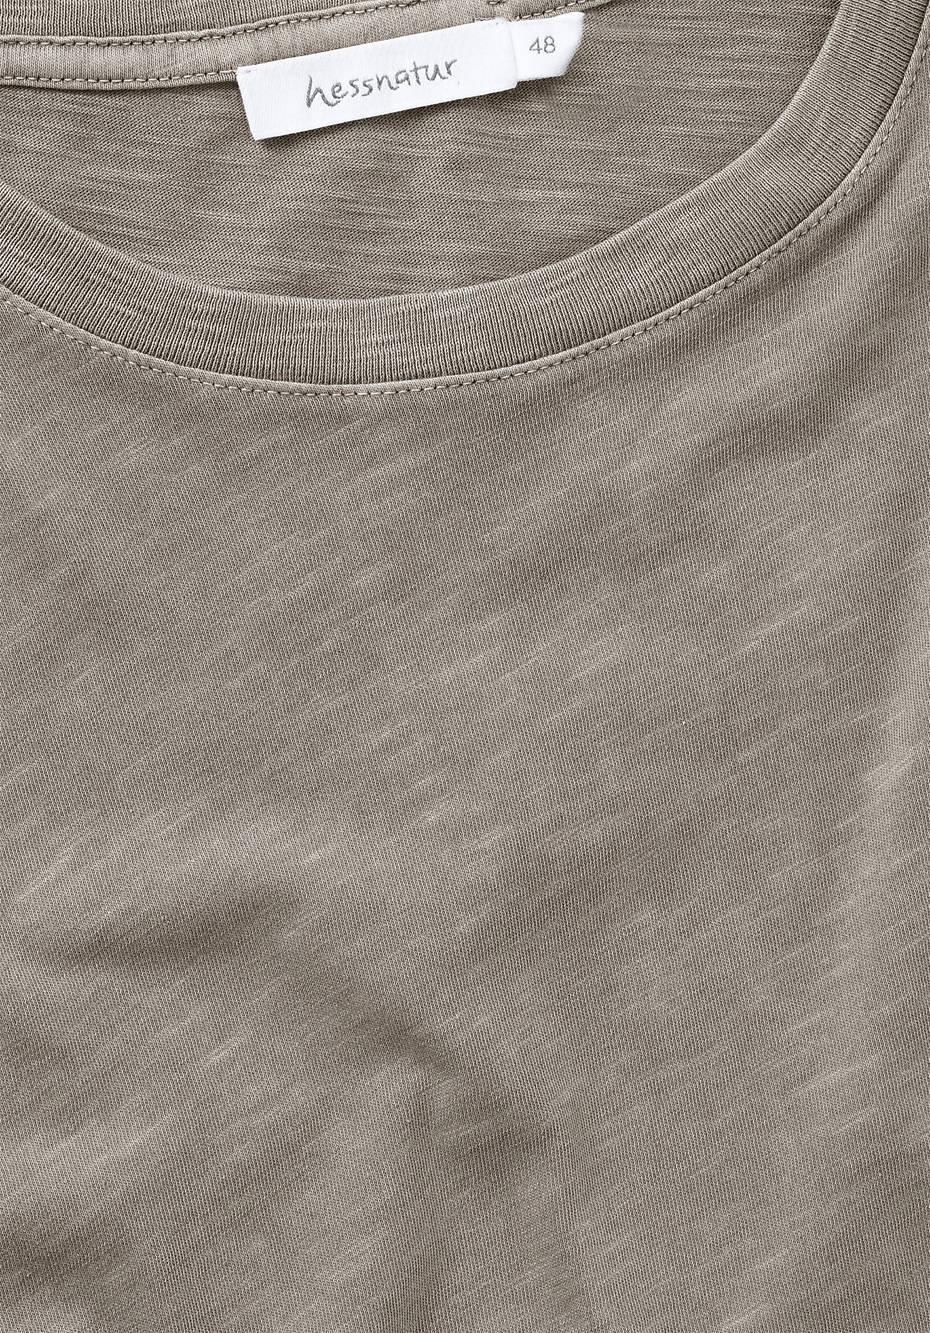 T-Shirt mineralgefärbt aus reiner Bio-Baumwolle